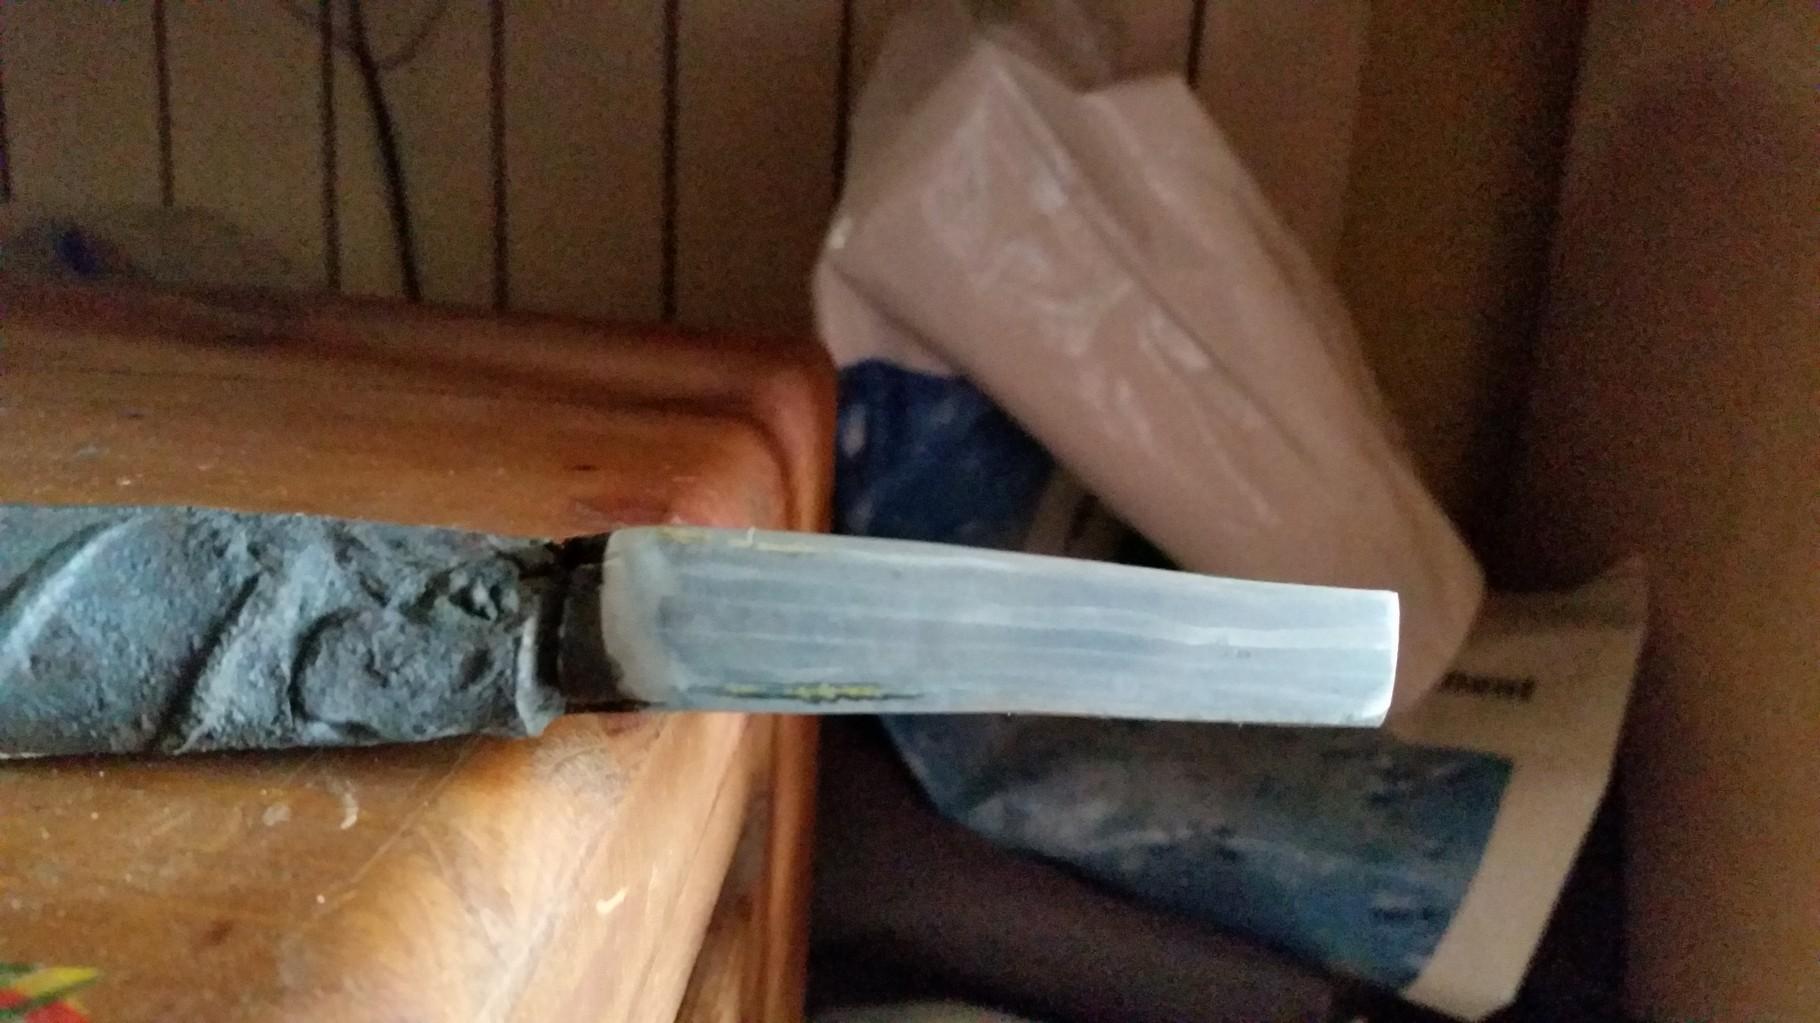 Trousseau d'acier xc75 et 90mcv8 pour réaliser une lame d'acier damassé - Après plusieurs passage à la forge au charbon et au marteau à main